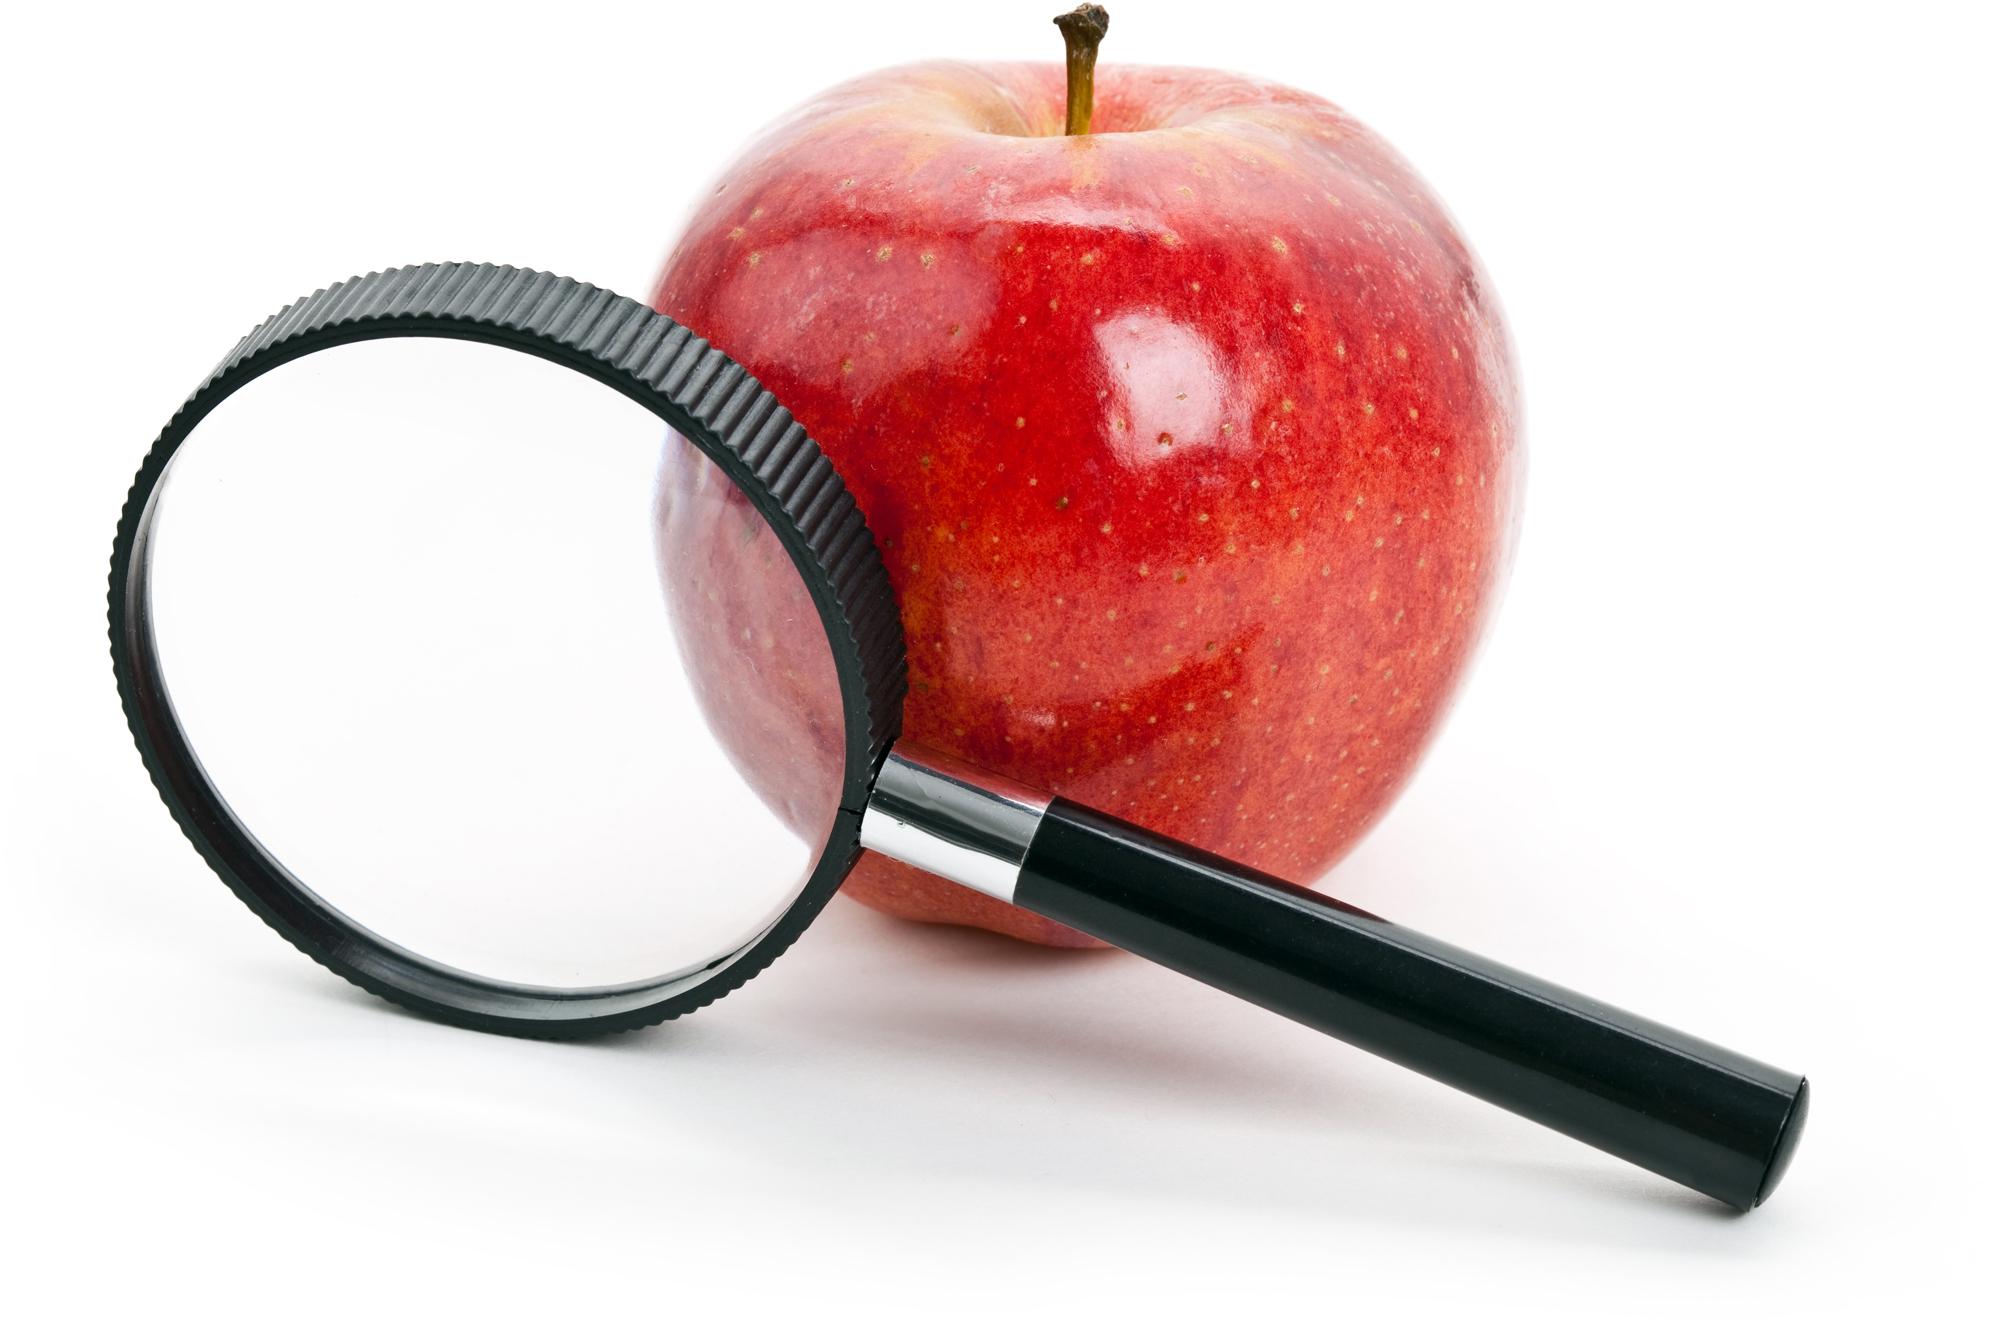 Lupa com maçã vermelha